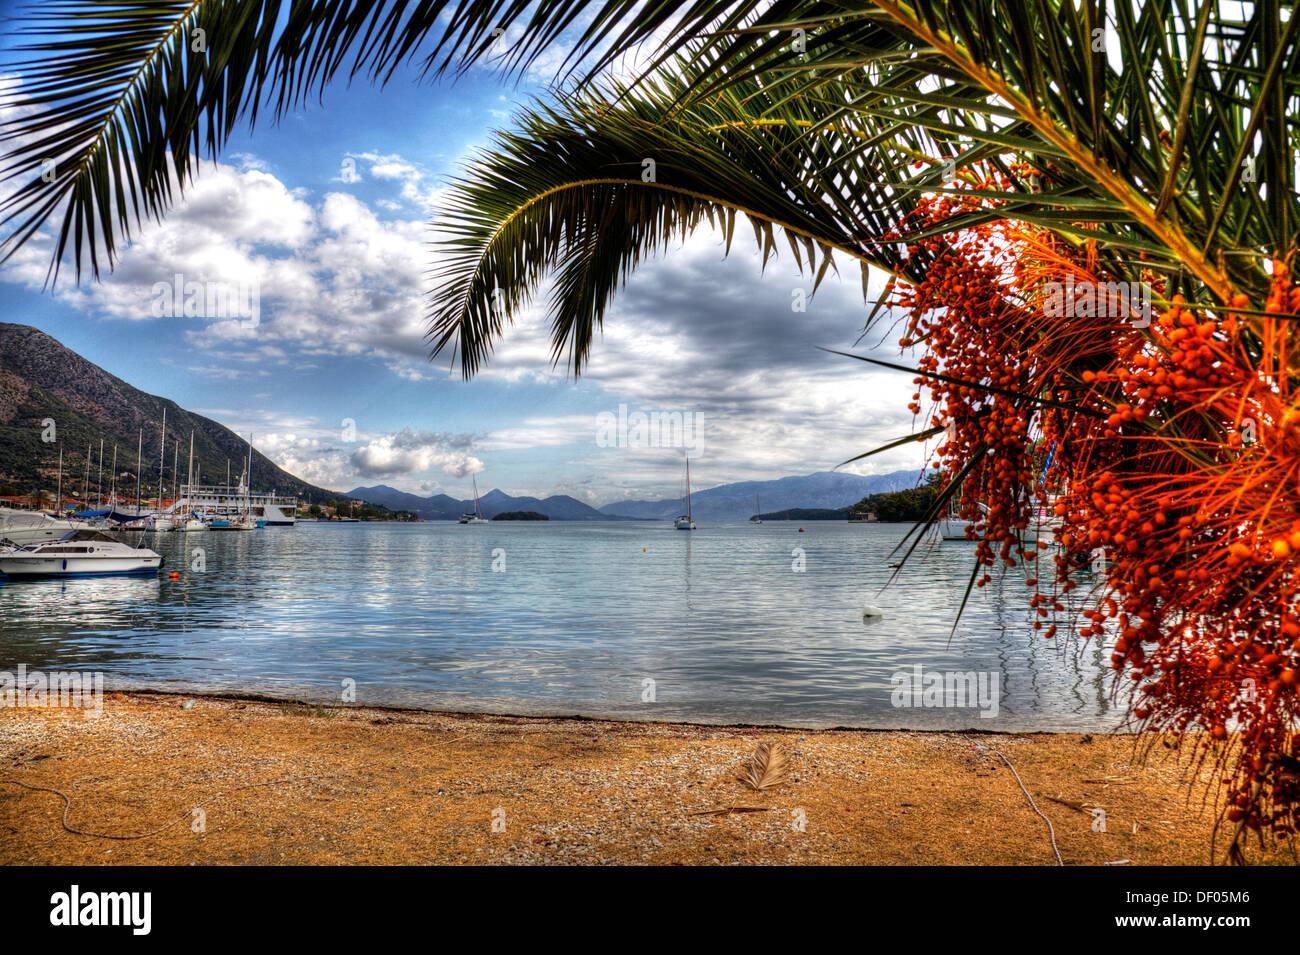 Nidri Nydri Lefkada puerto puerto enmarcadas por palmeras Barcos ...